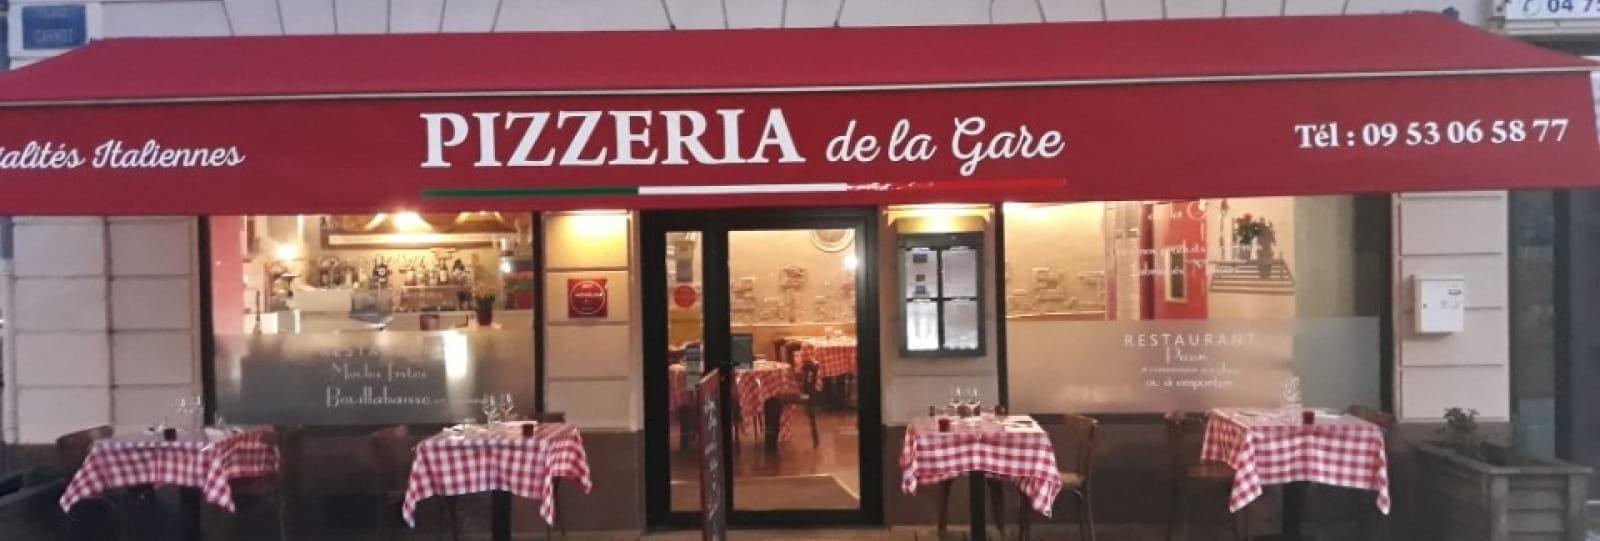 La Pizzeria de la Gare